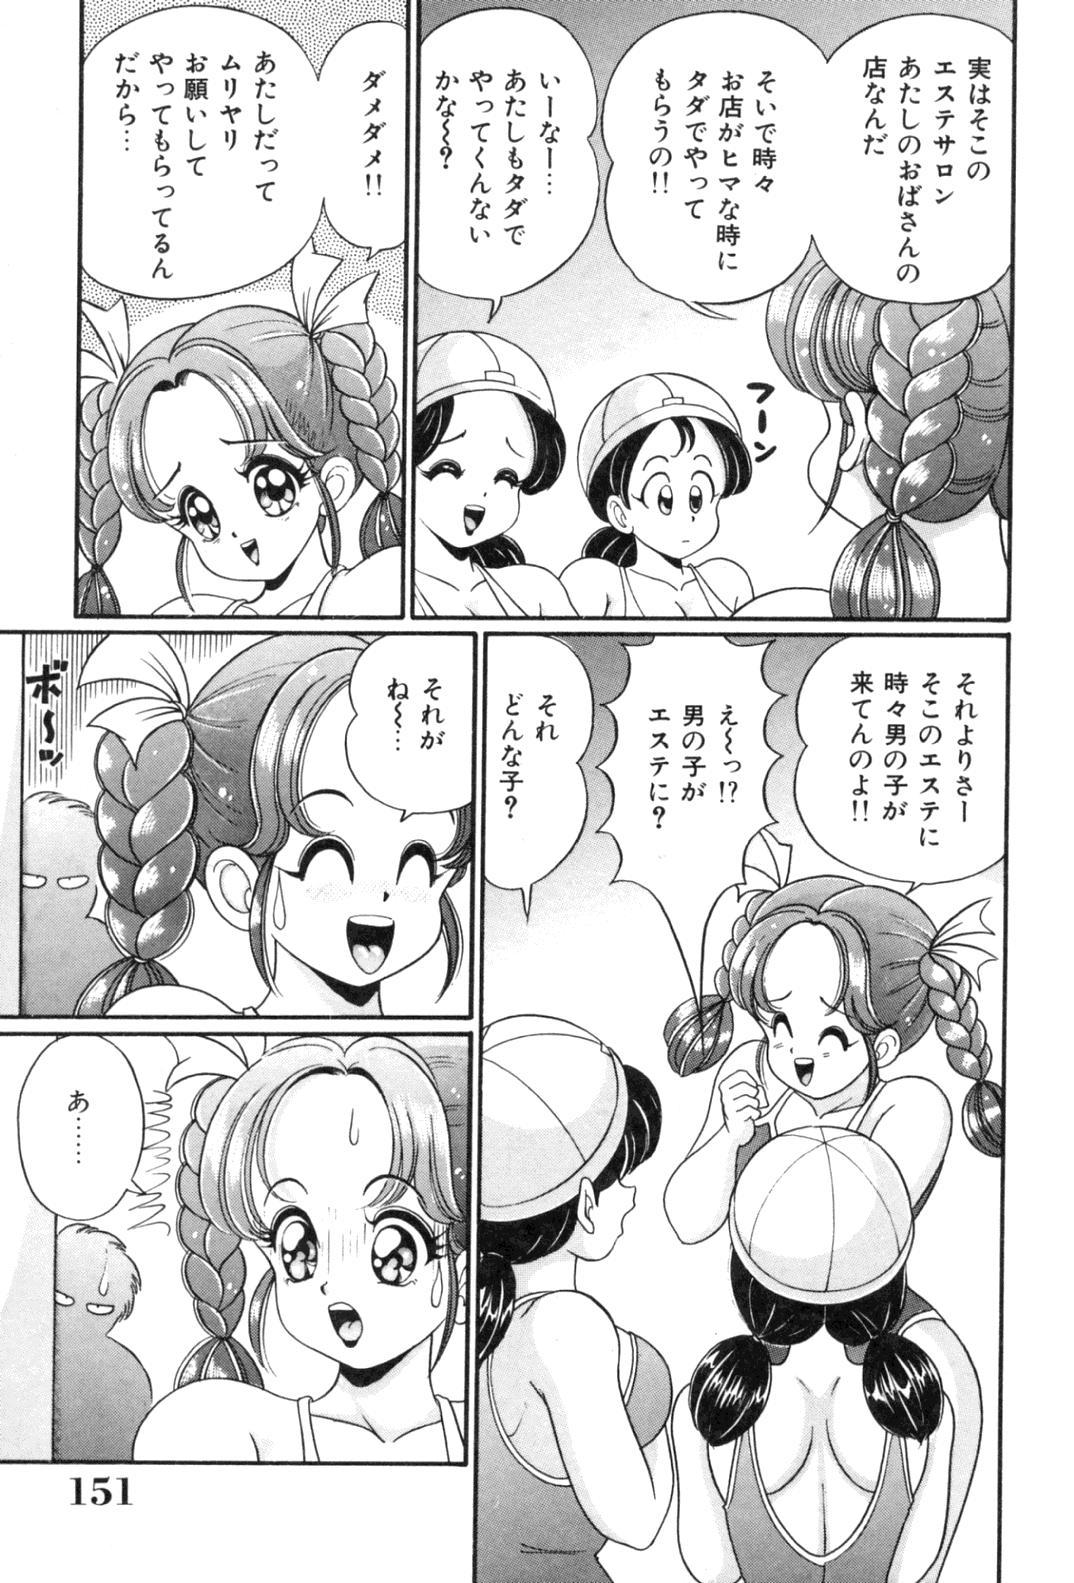 [Watanabe Wataru] Tonari no Onee-san - Sister of Neighborhood 151